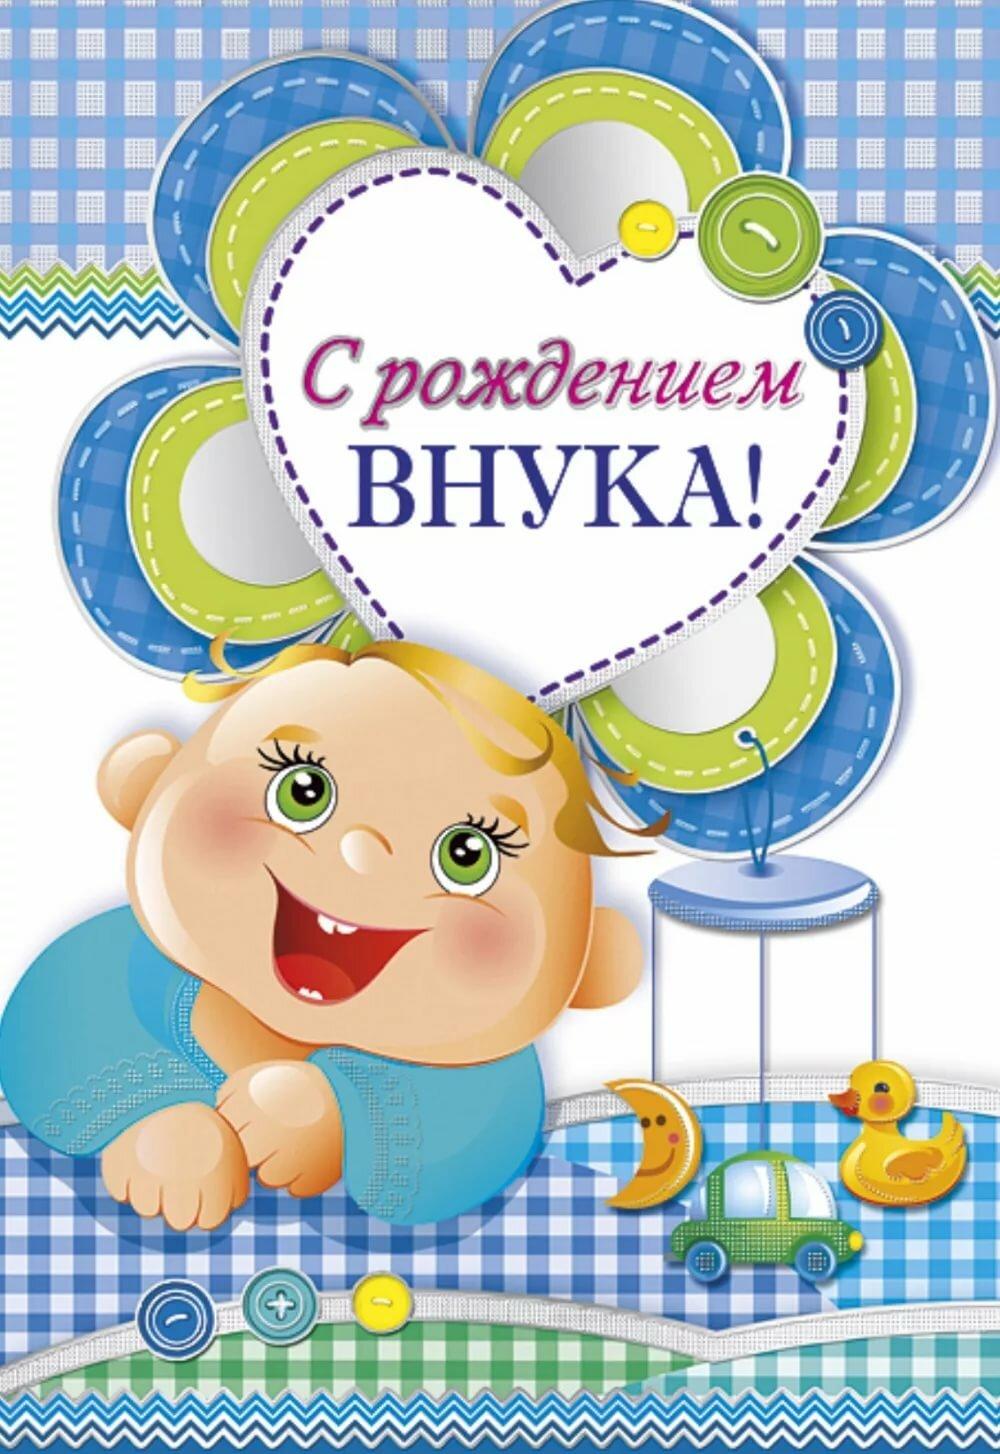 Надписями, открытки с рождением внука для бабушки в хорошем качестве